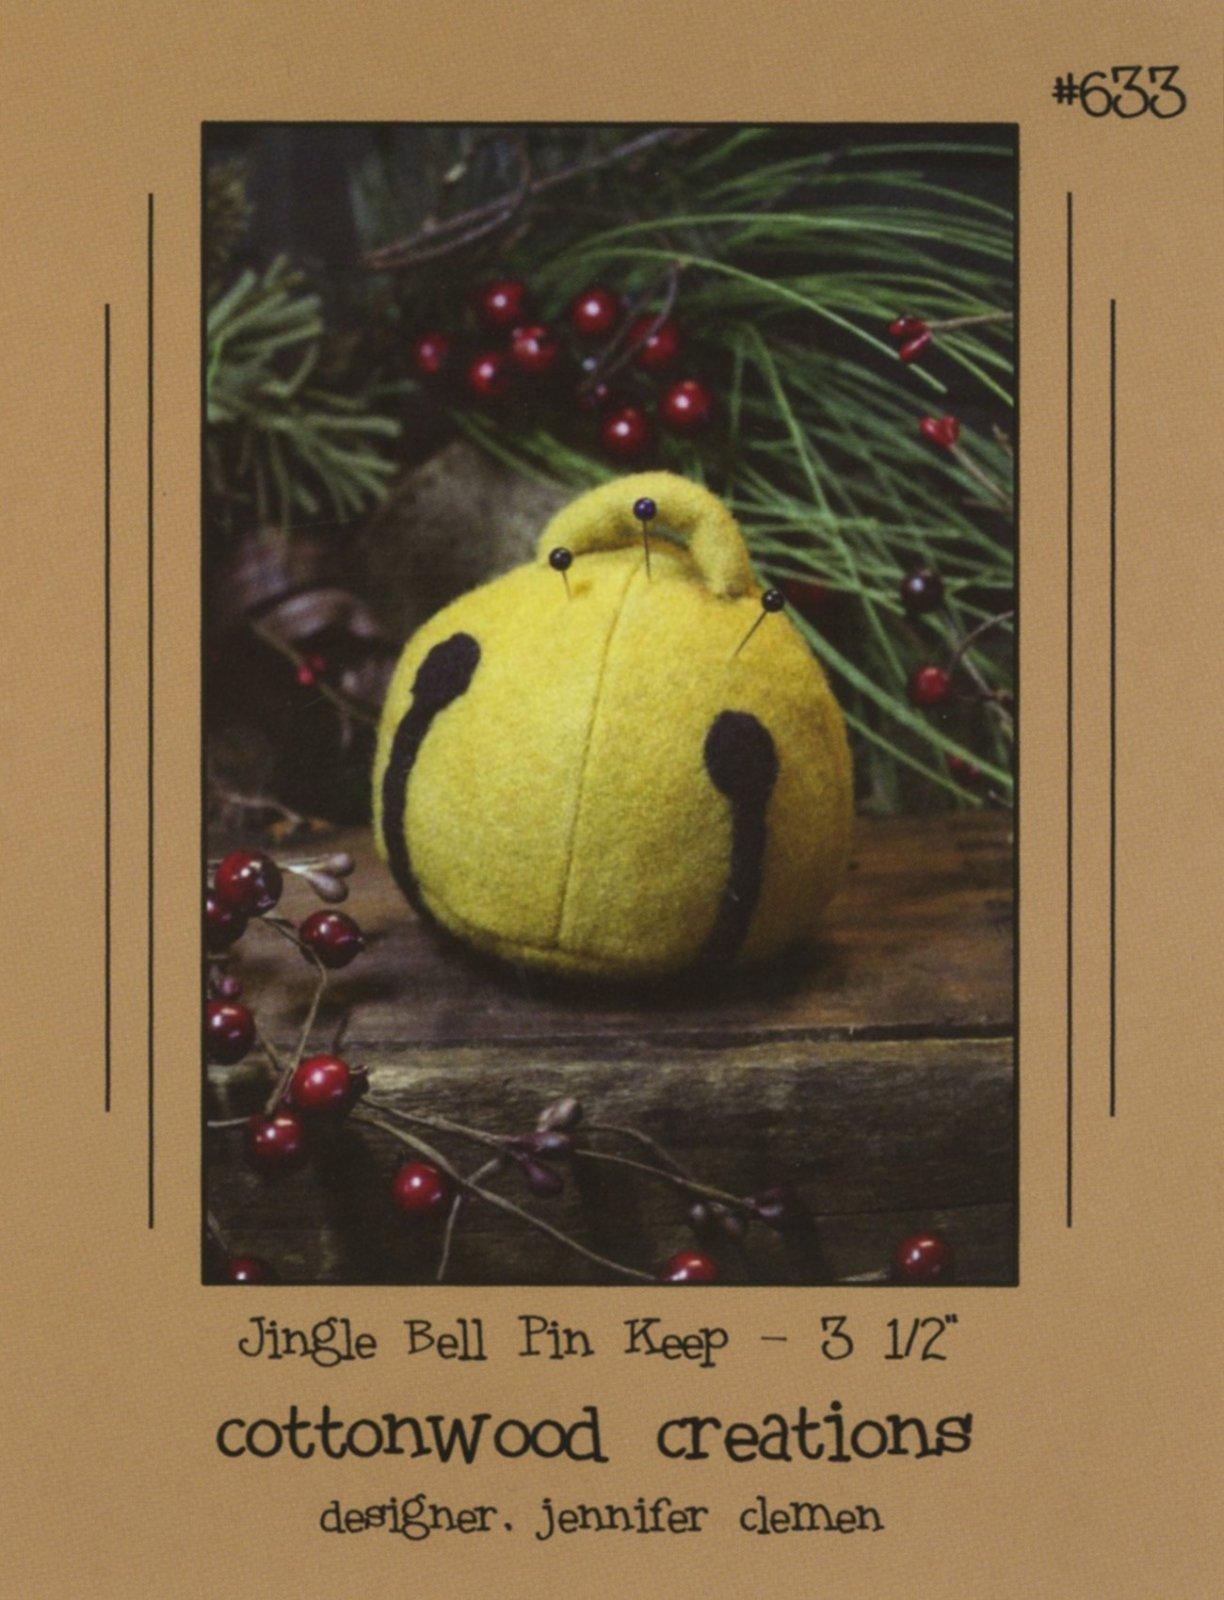 Jingle Bell Pin Keep